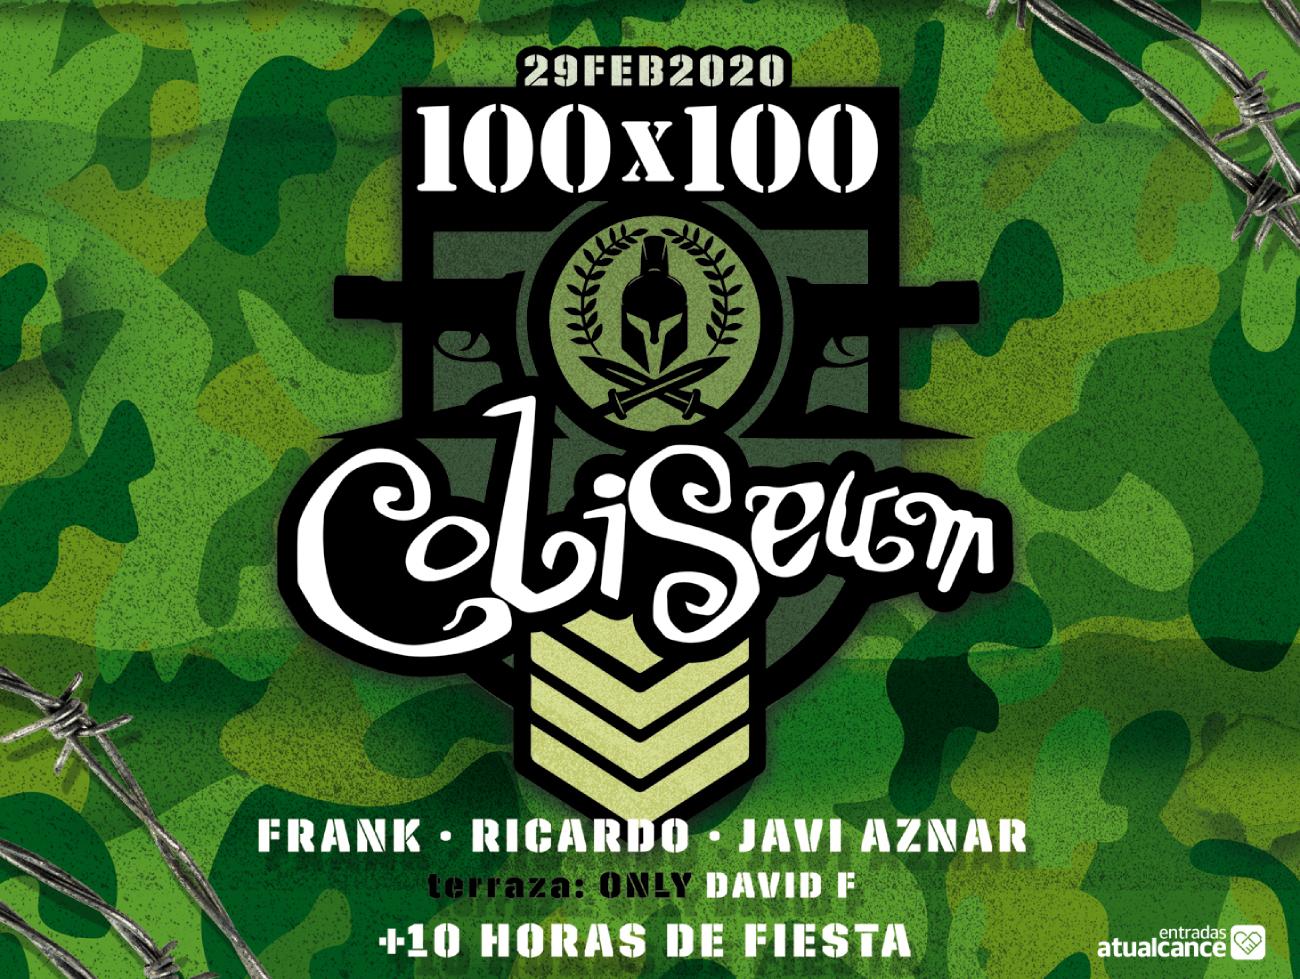 100-x-100-coliseum-5e1dfa43c3099.jpeg